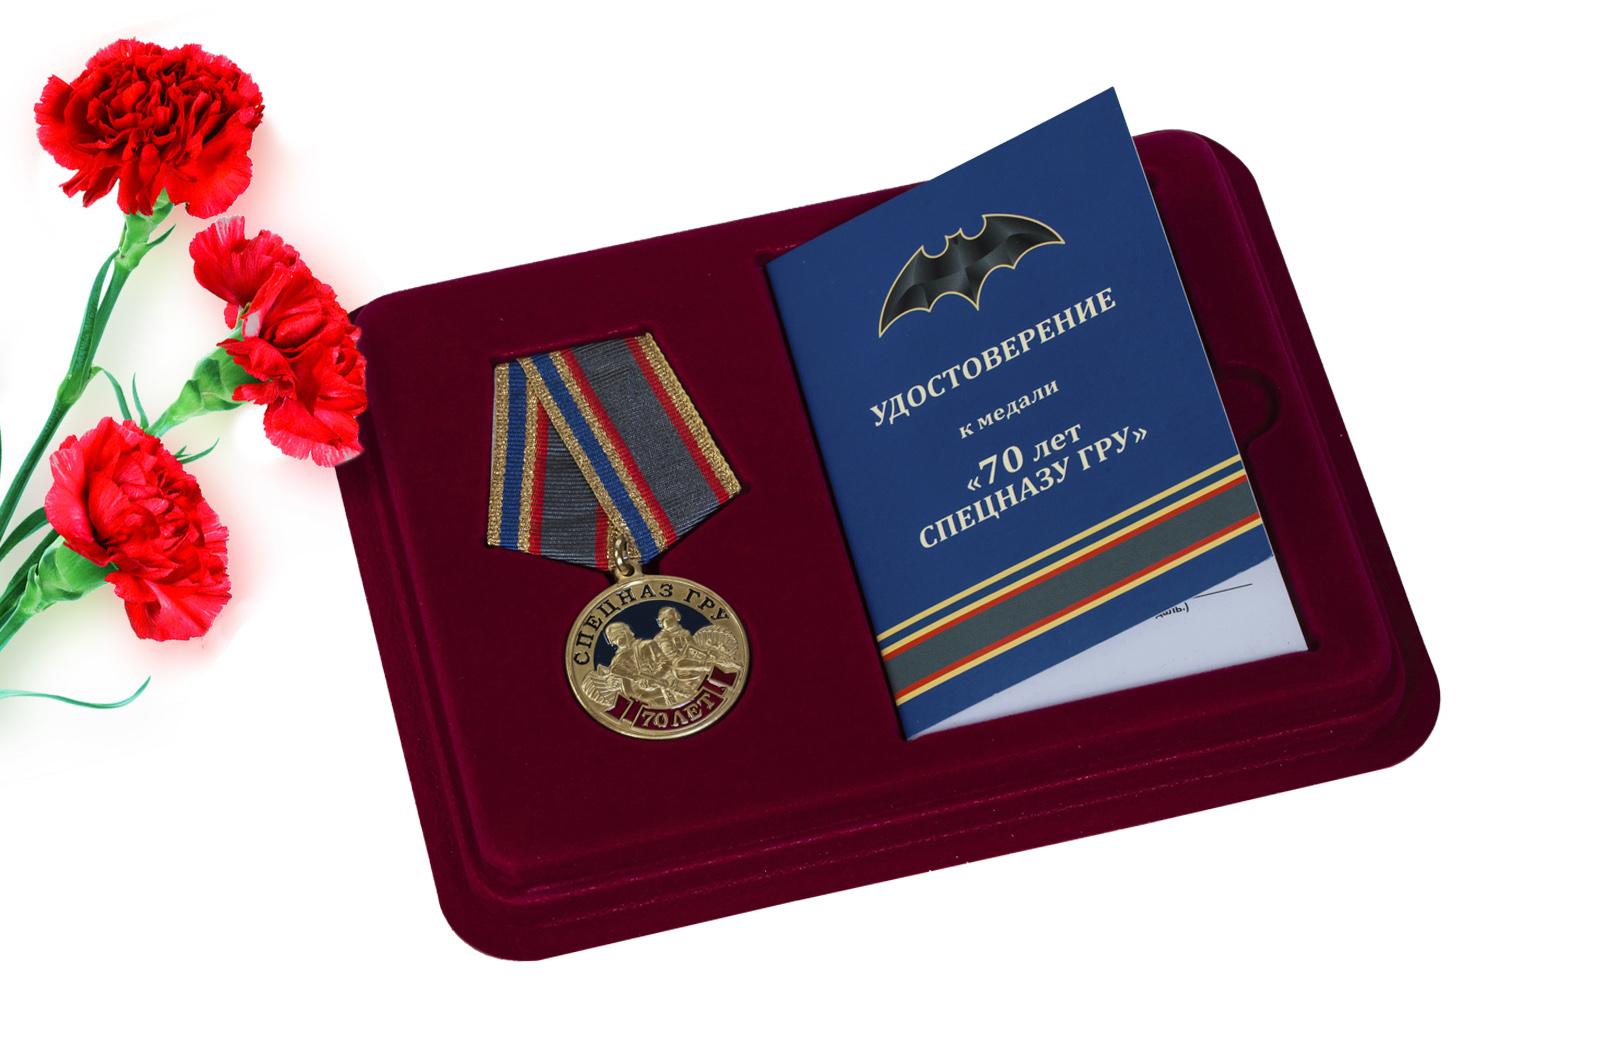 Купить юбилейную медаль 70 лет Спецназу ГРУ оптом или в розницу